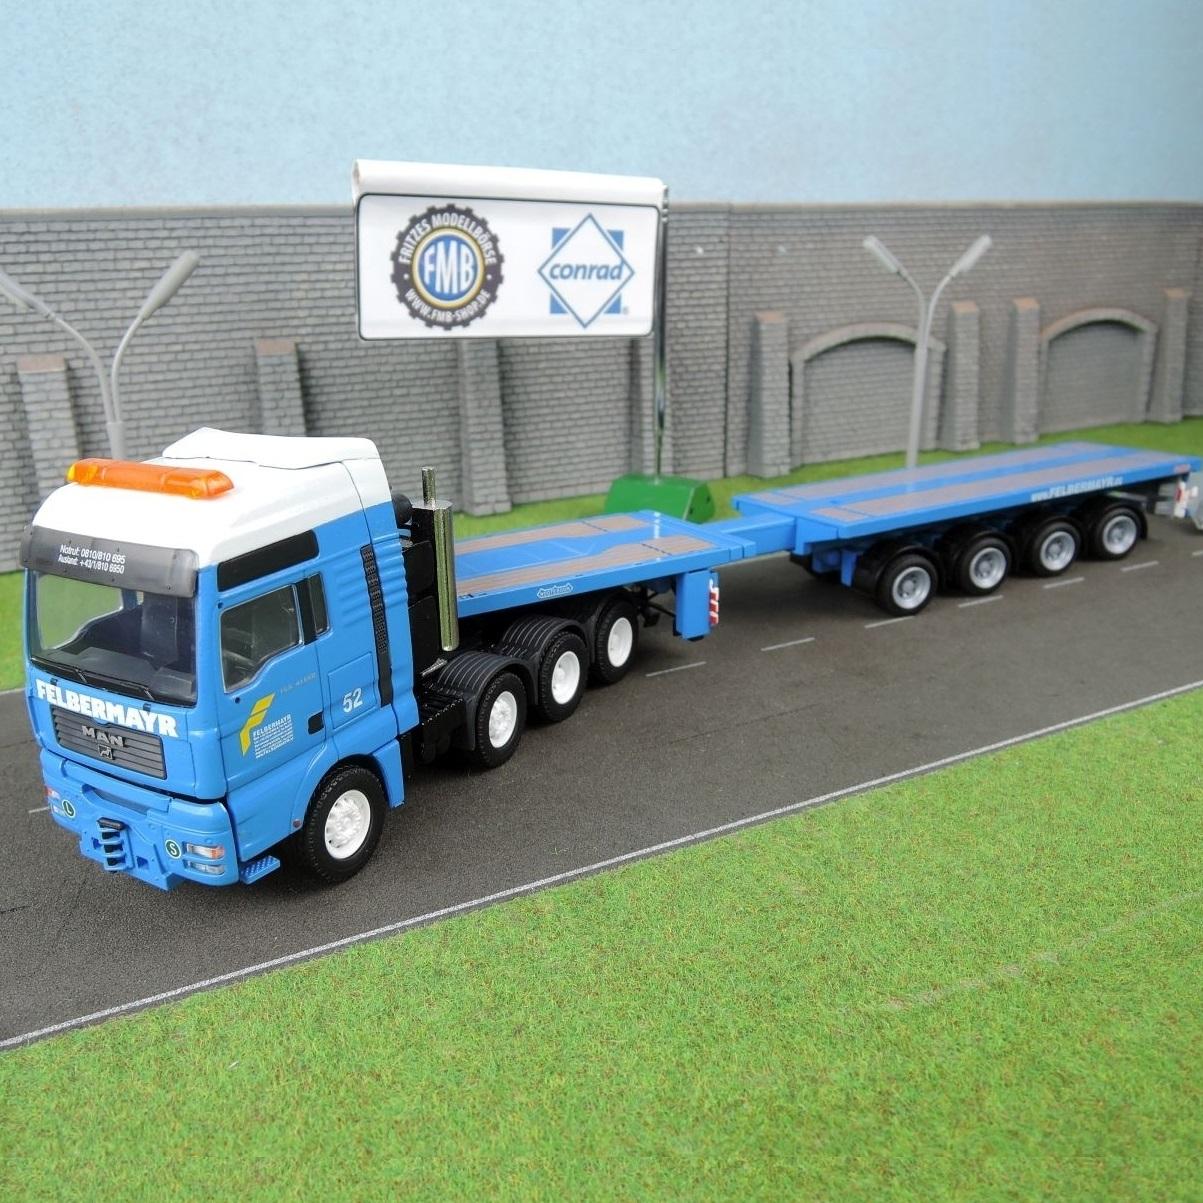 66139/0 - Conrad - MAN TGA Nooteboom teletrailer -Felbermayr-